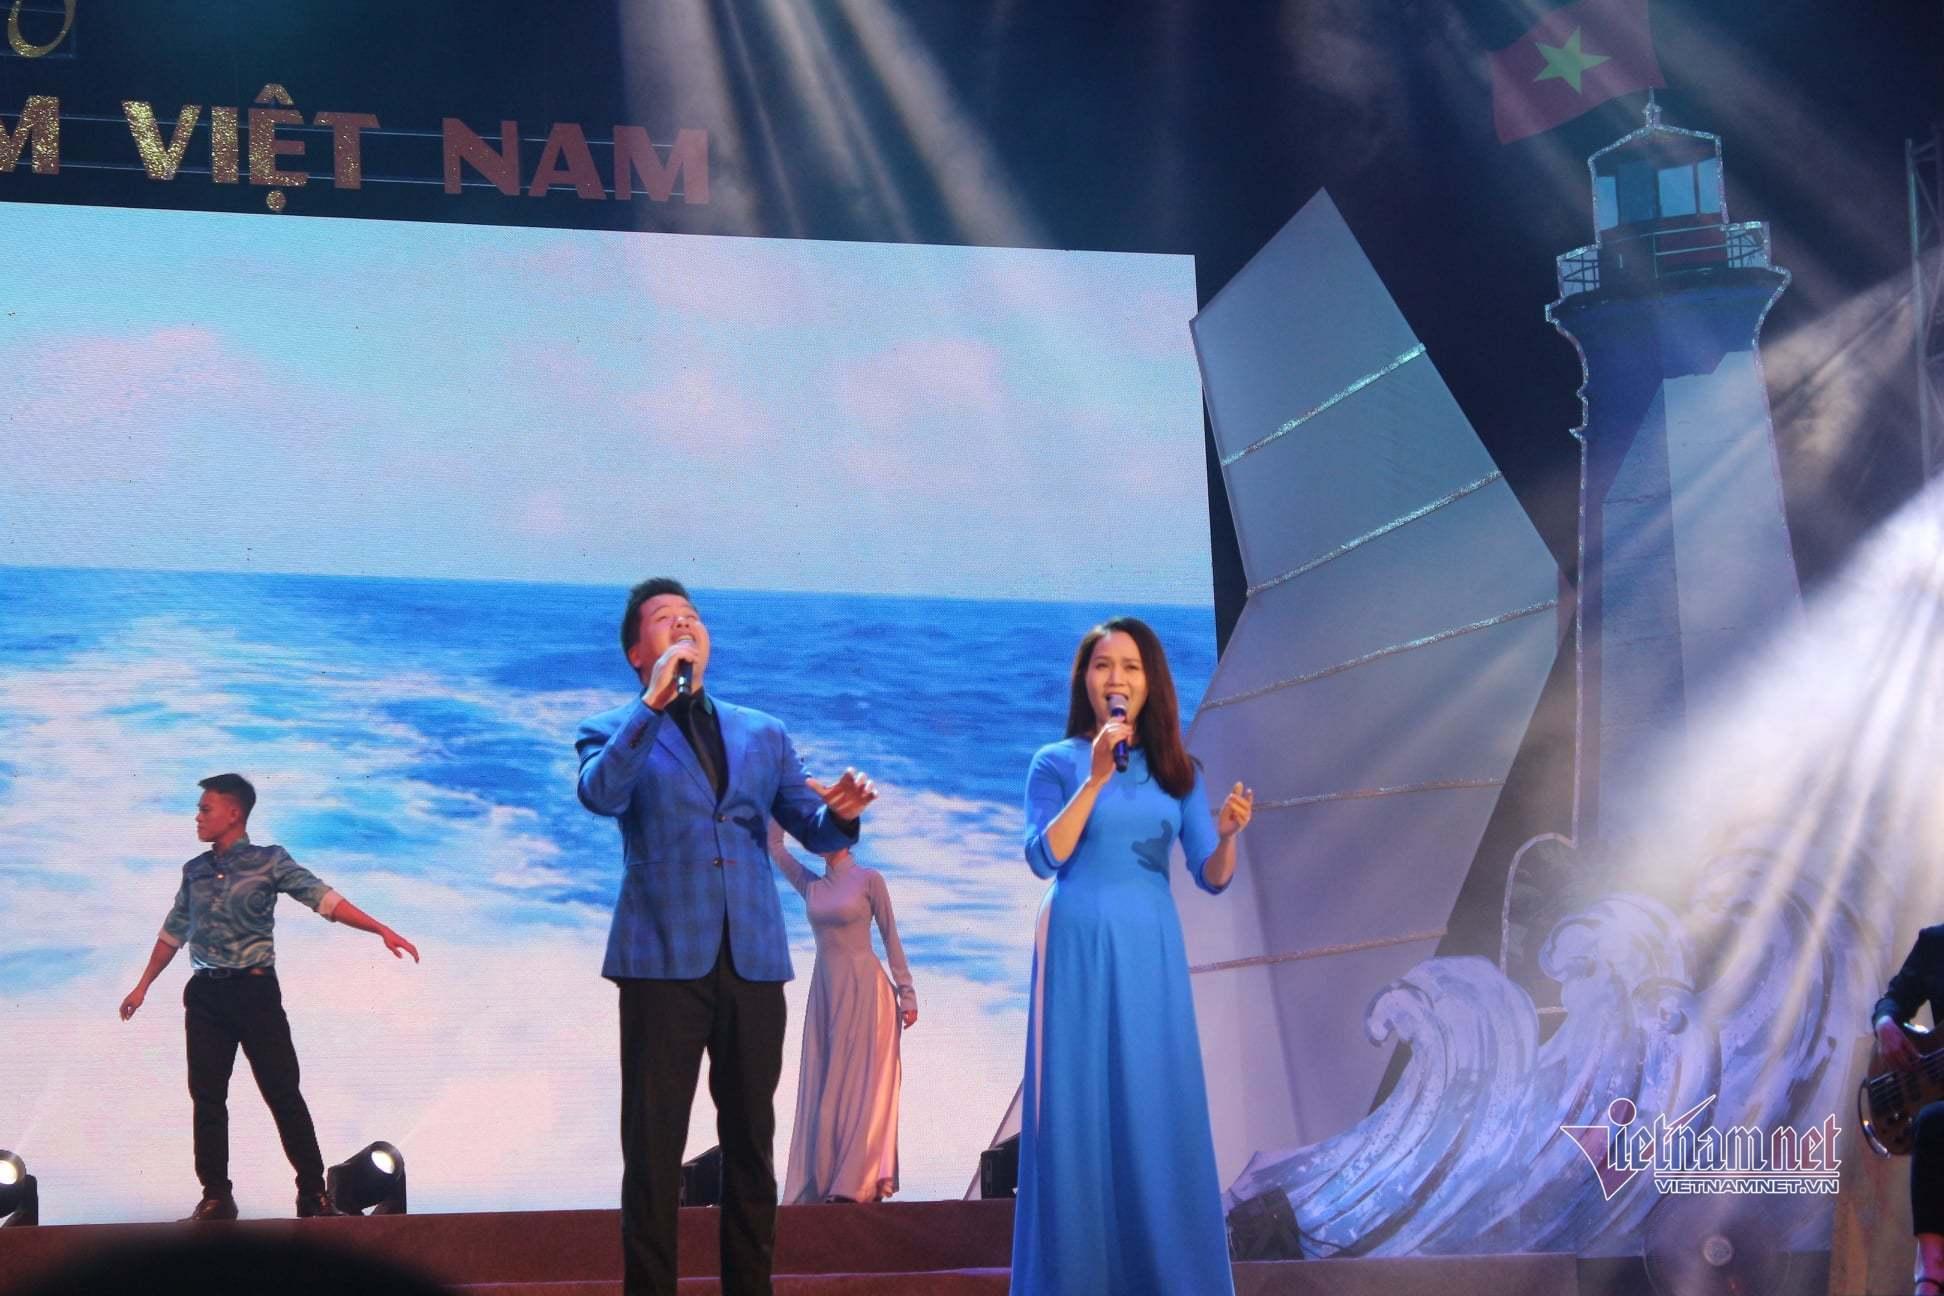 Tùng Dương, Mỹ Linh xúc động hát về biển, đảo